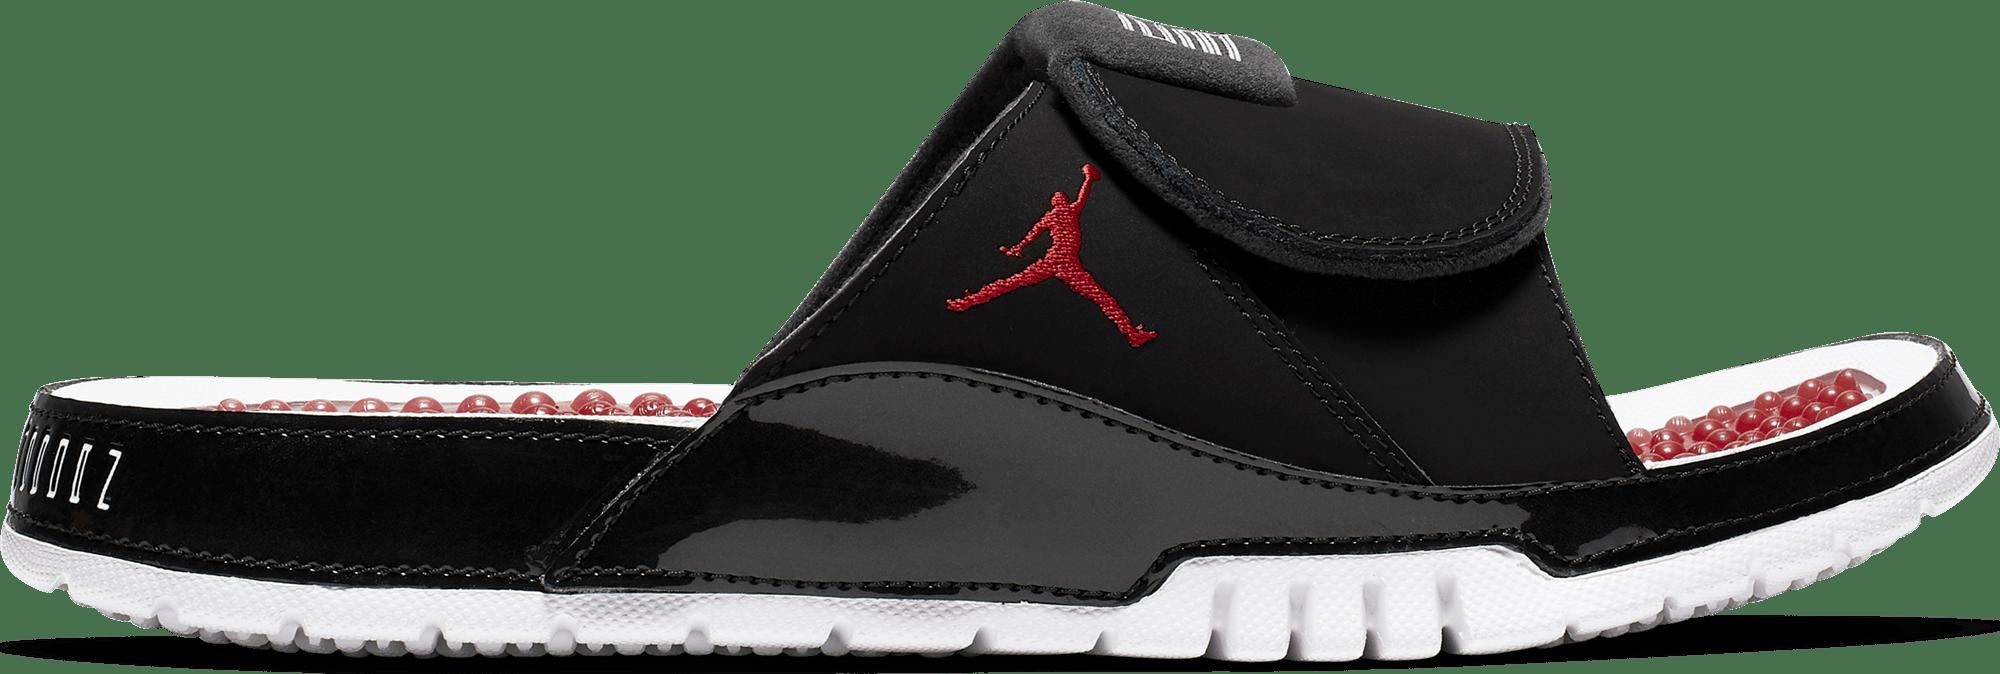 Hydro Xi Retro Slide Black/Varsity Red-Varsity Red-White